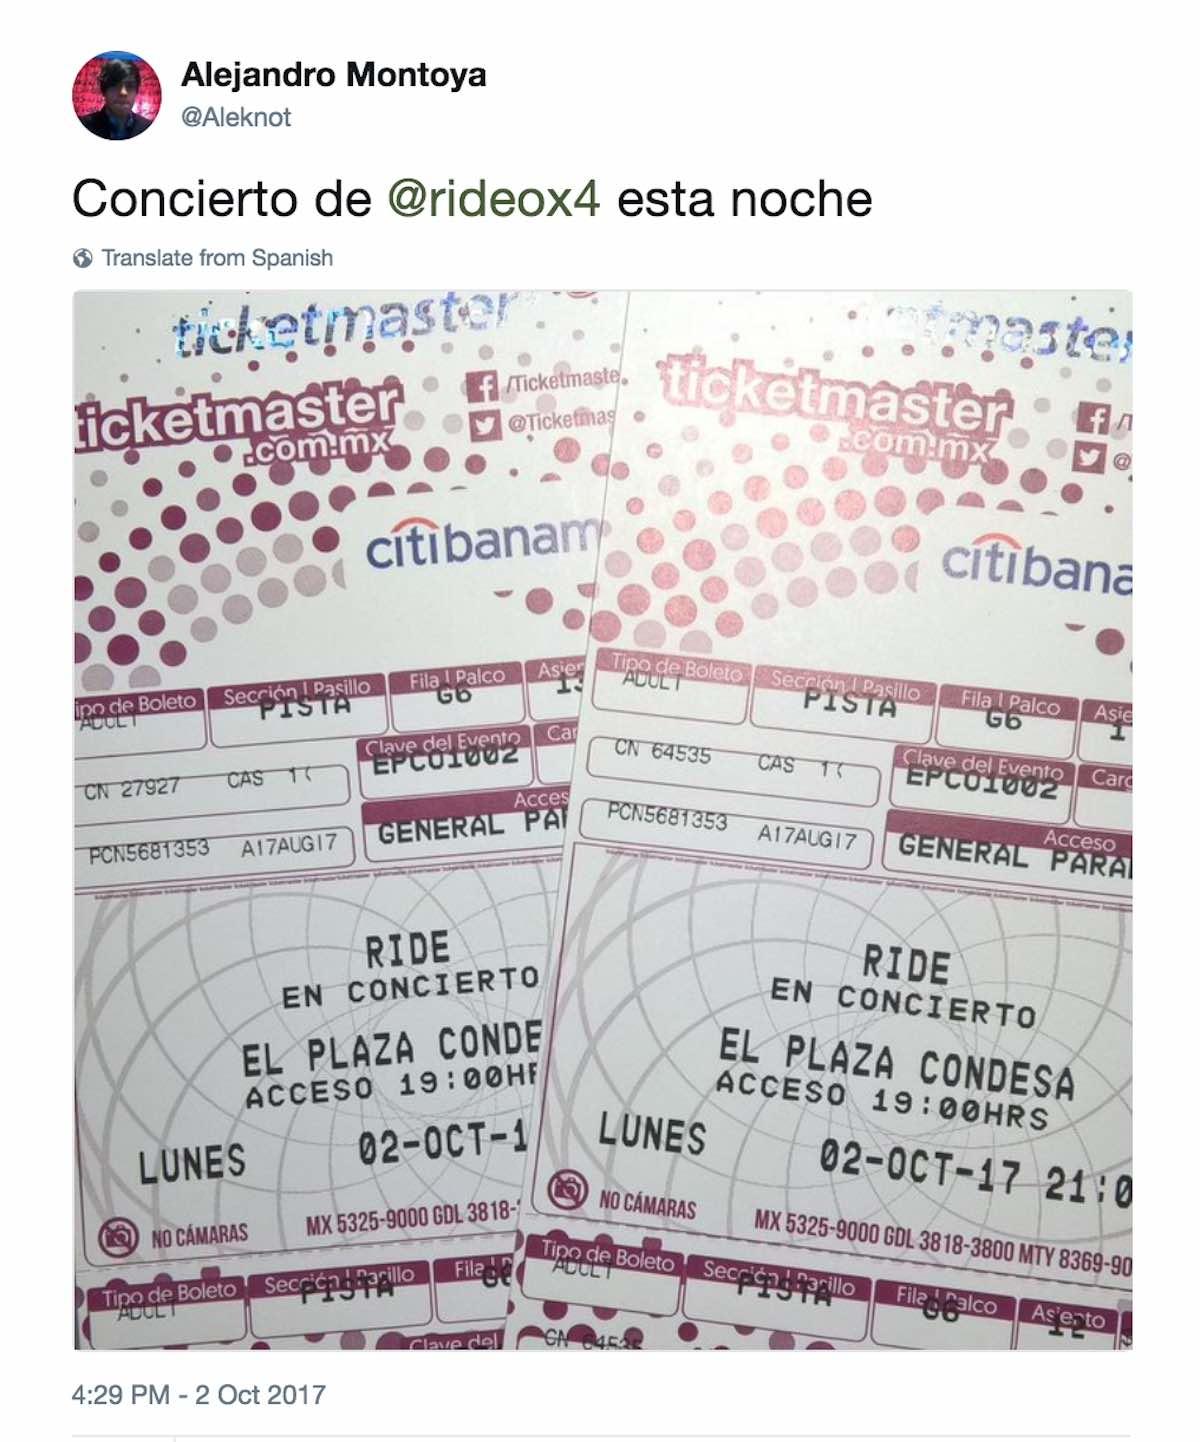 Tweet of tickets